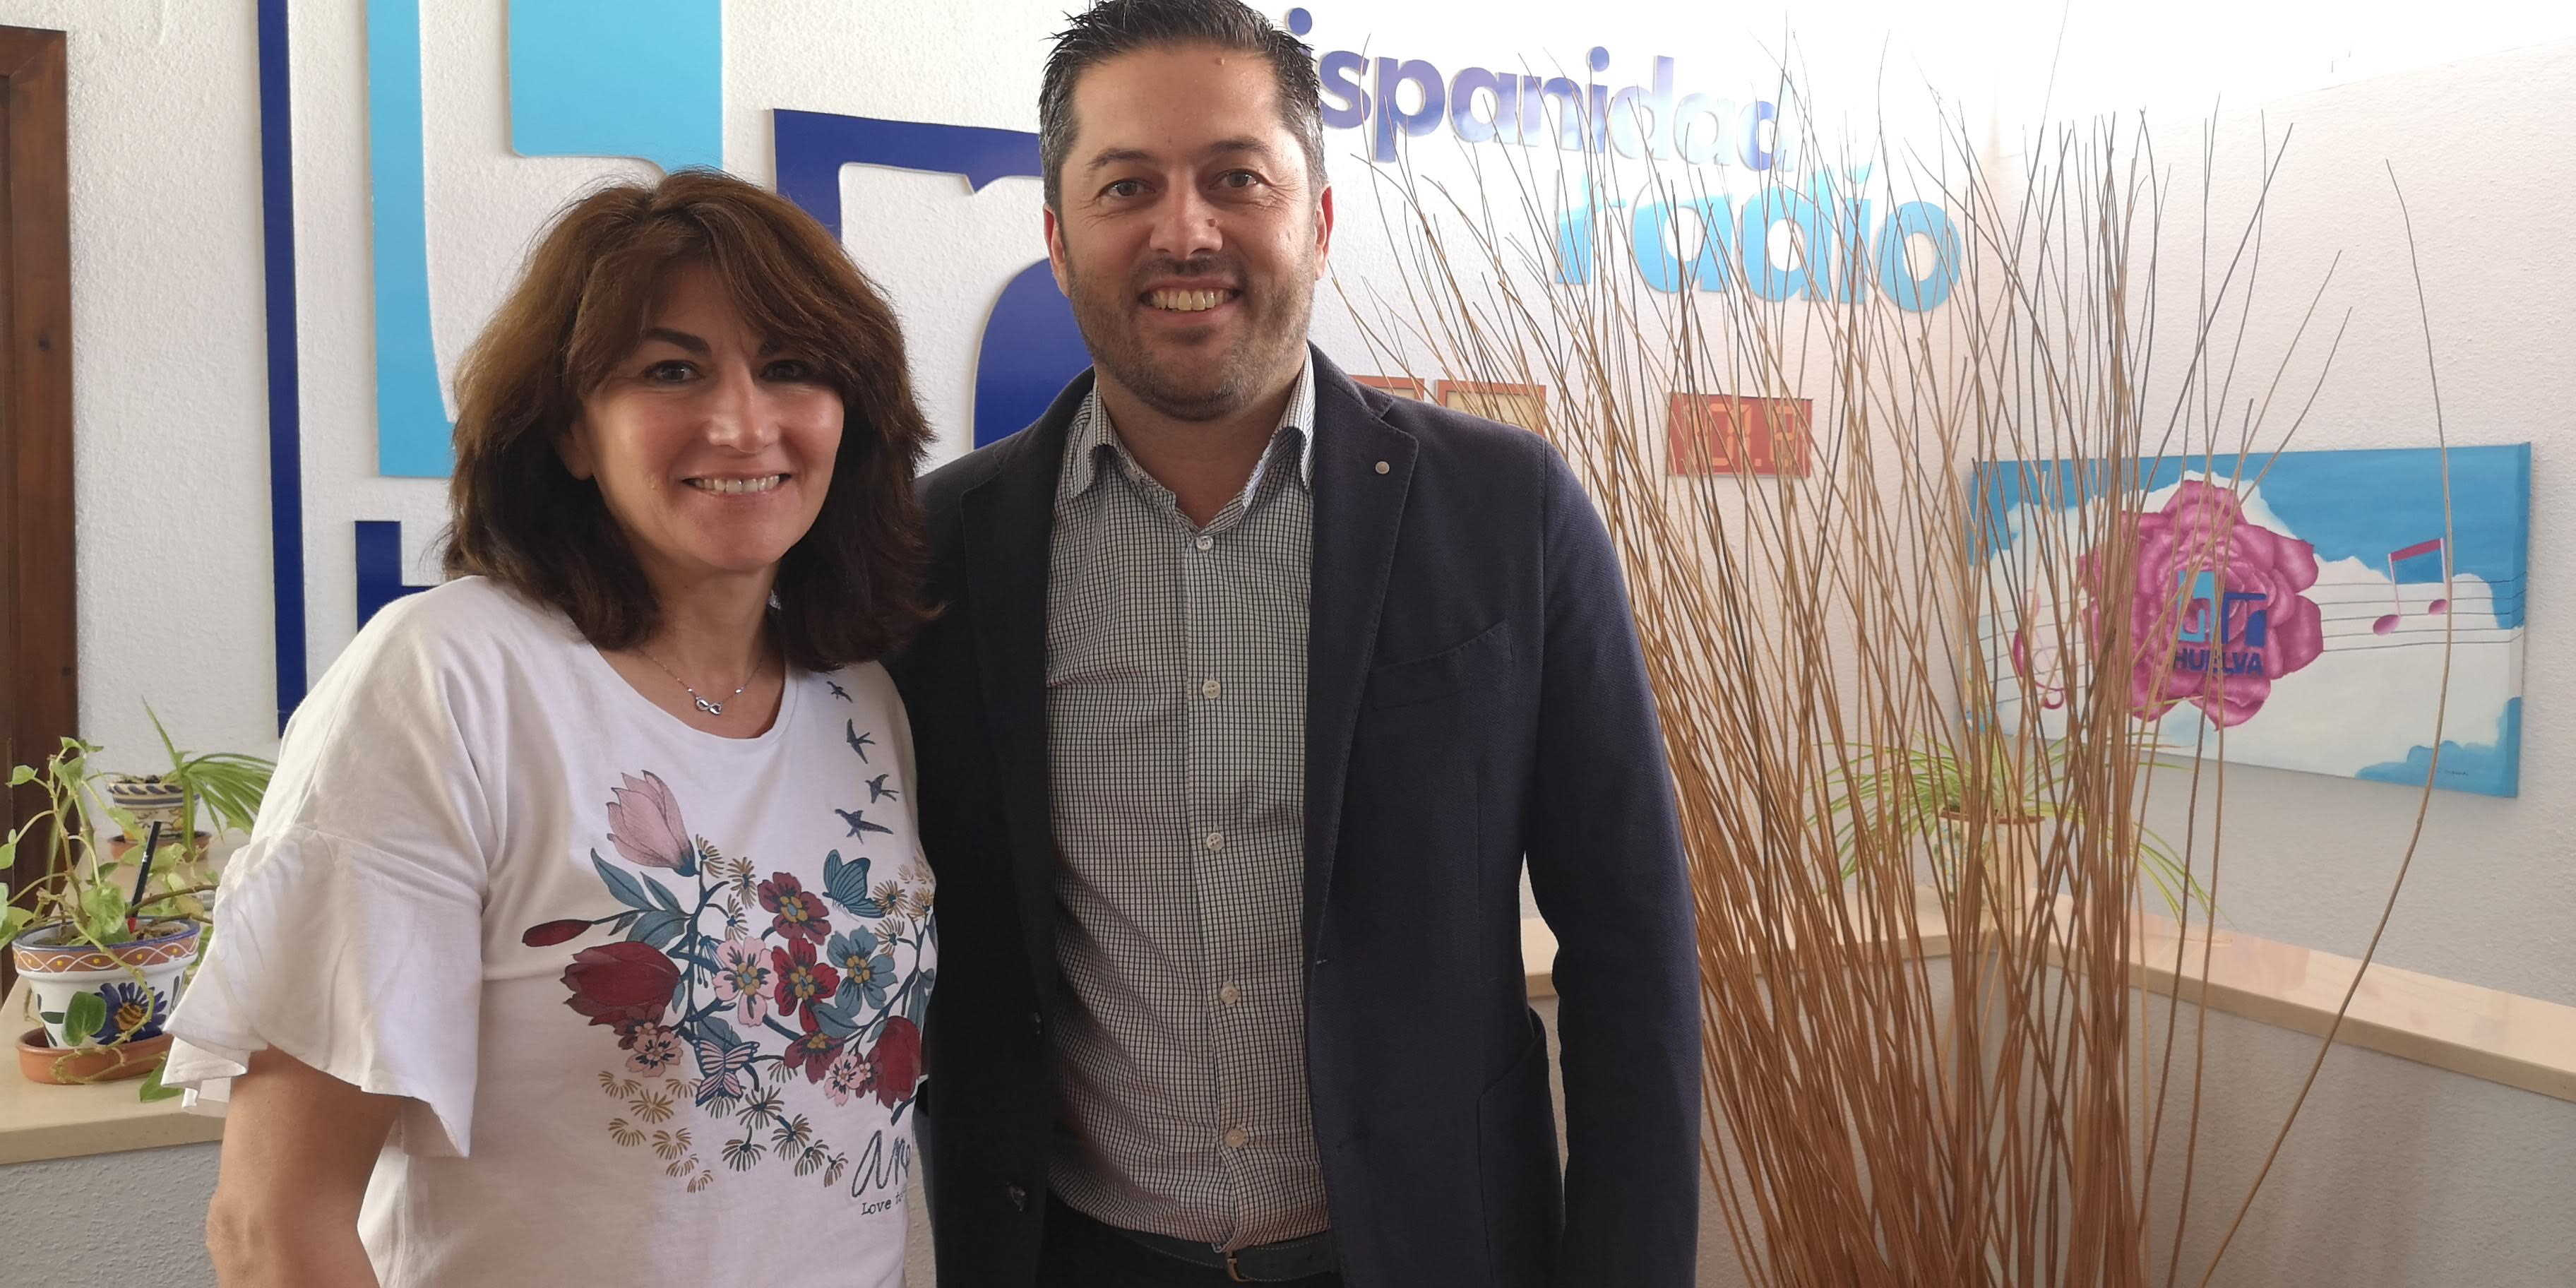 Queremos Saber 04-10-2019 Francisco José Baluffo Portavoz equipo de Gobierno Ayuntamiento de Huelva